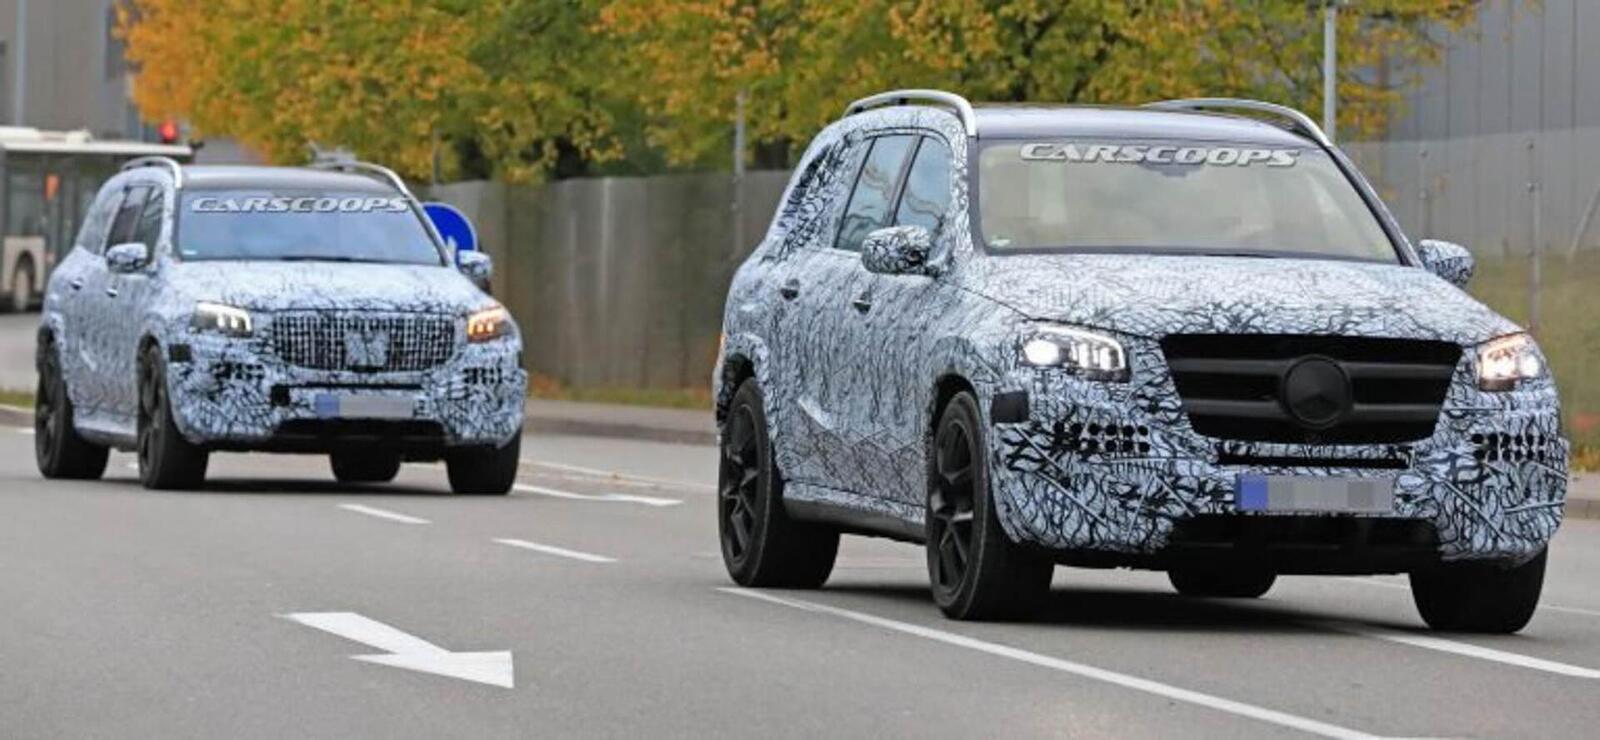 Mercedes-Benz gấp rút ''lên đời'' GLS mới đấu với BMW X7 - Hình 5